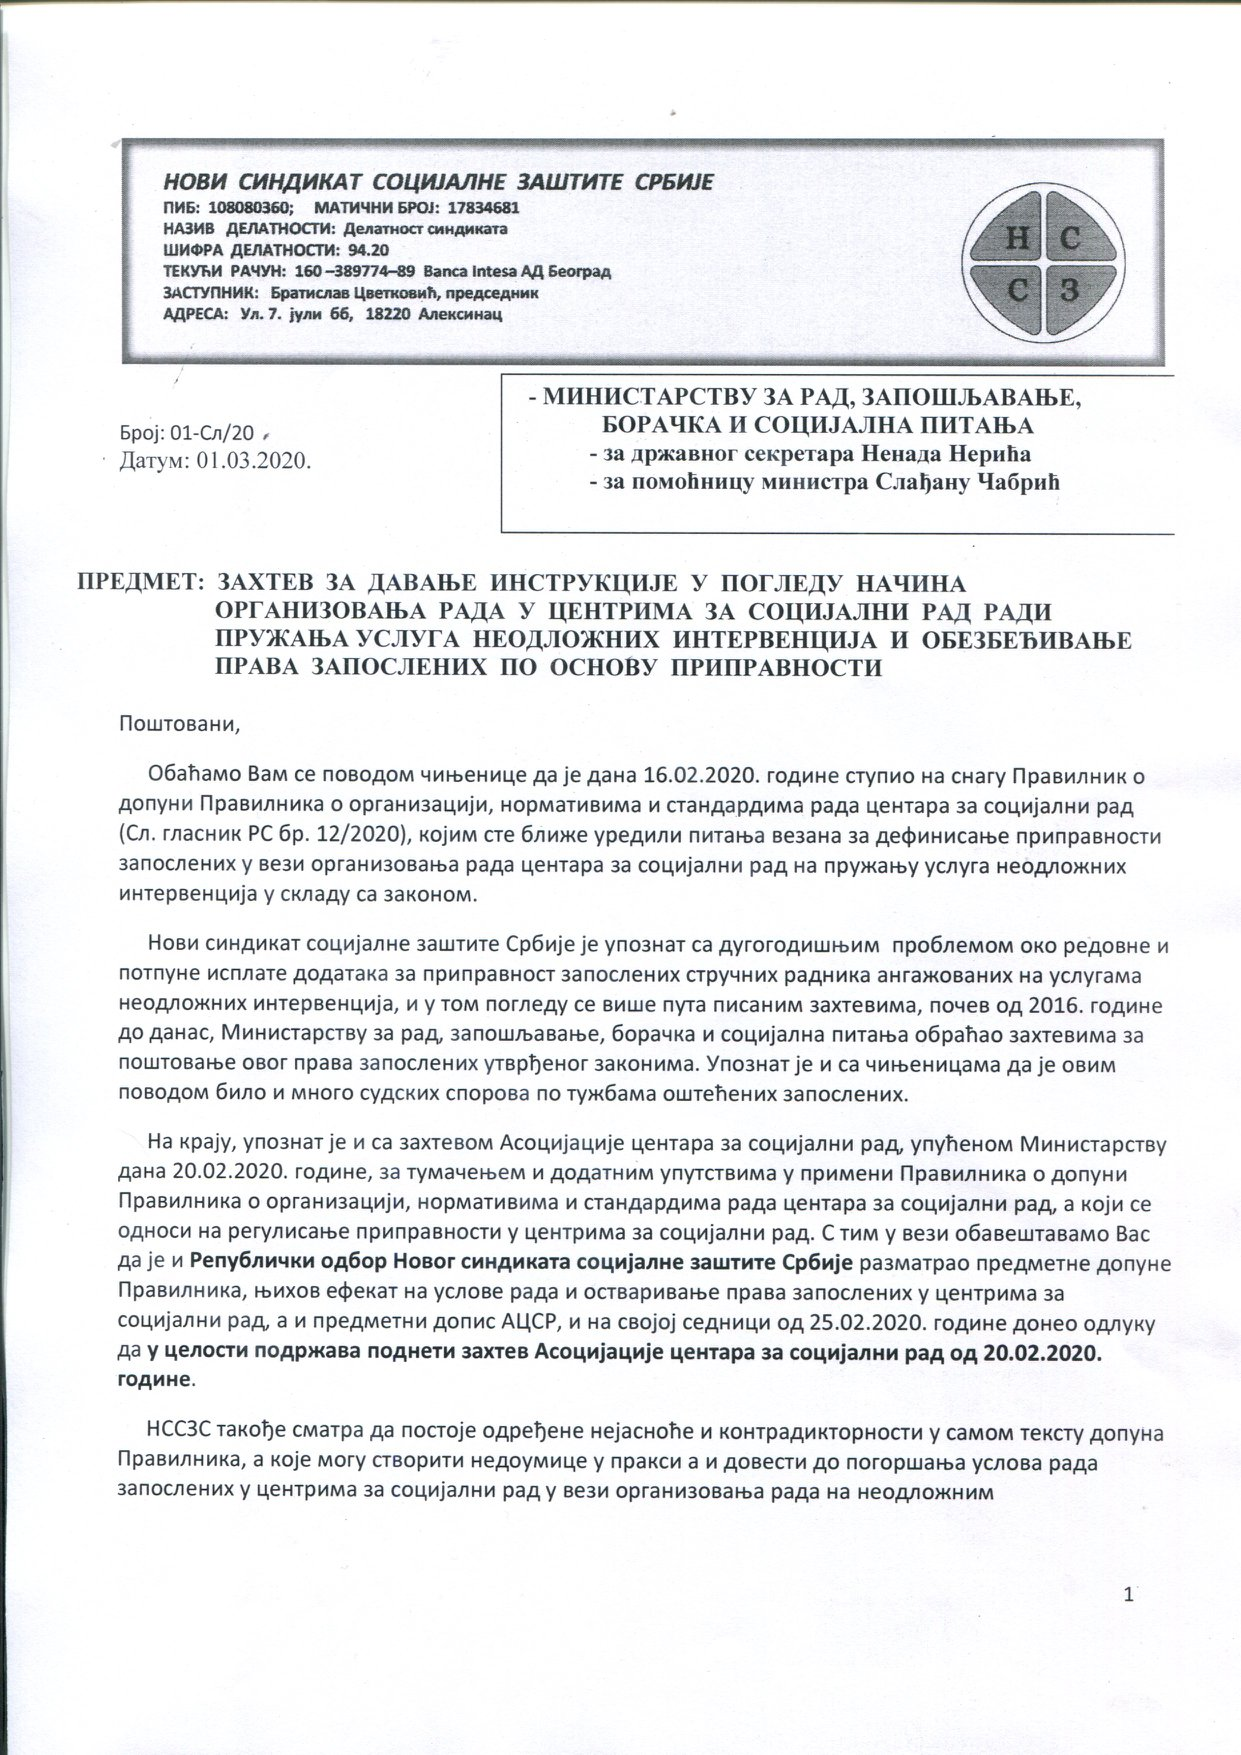 Захтев за давање инструкција за организацију рада у ЦСР - 1